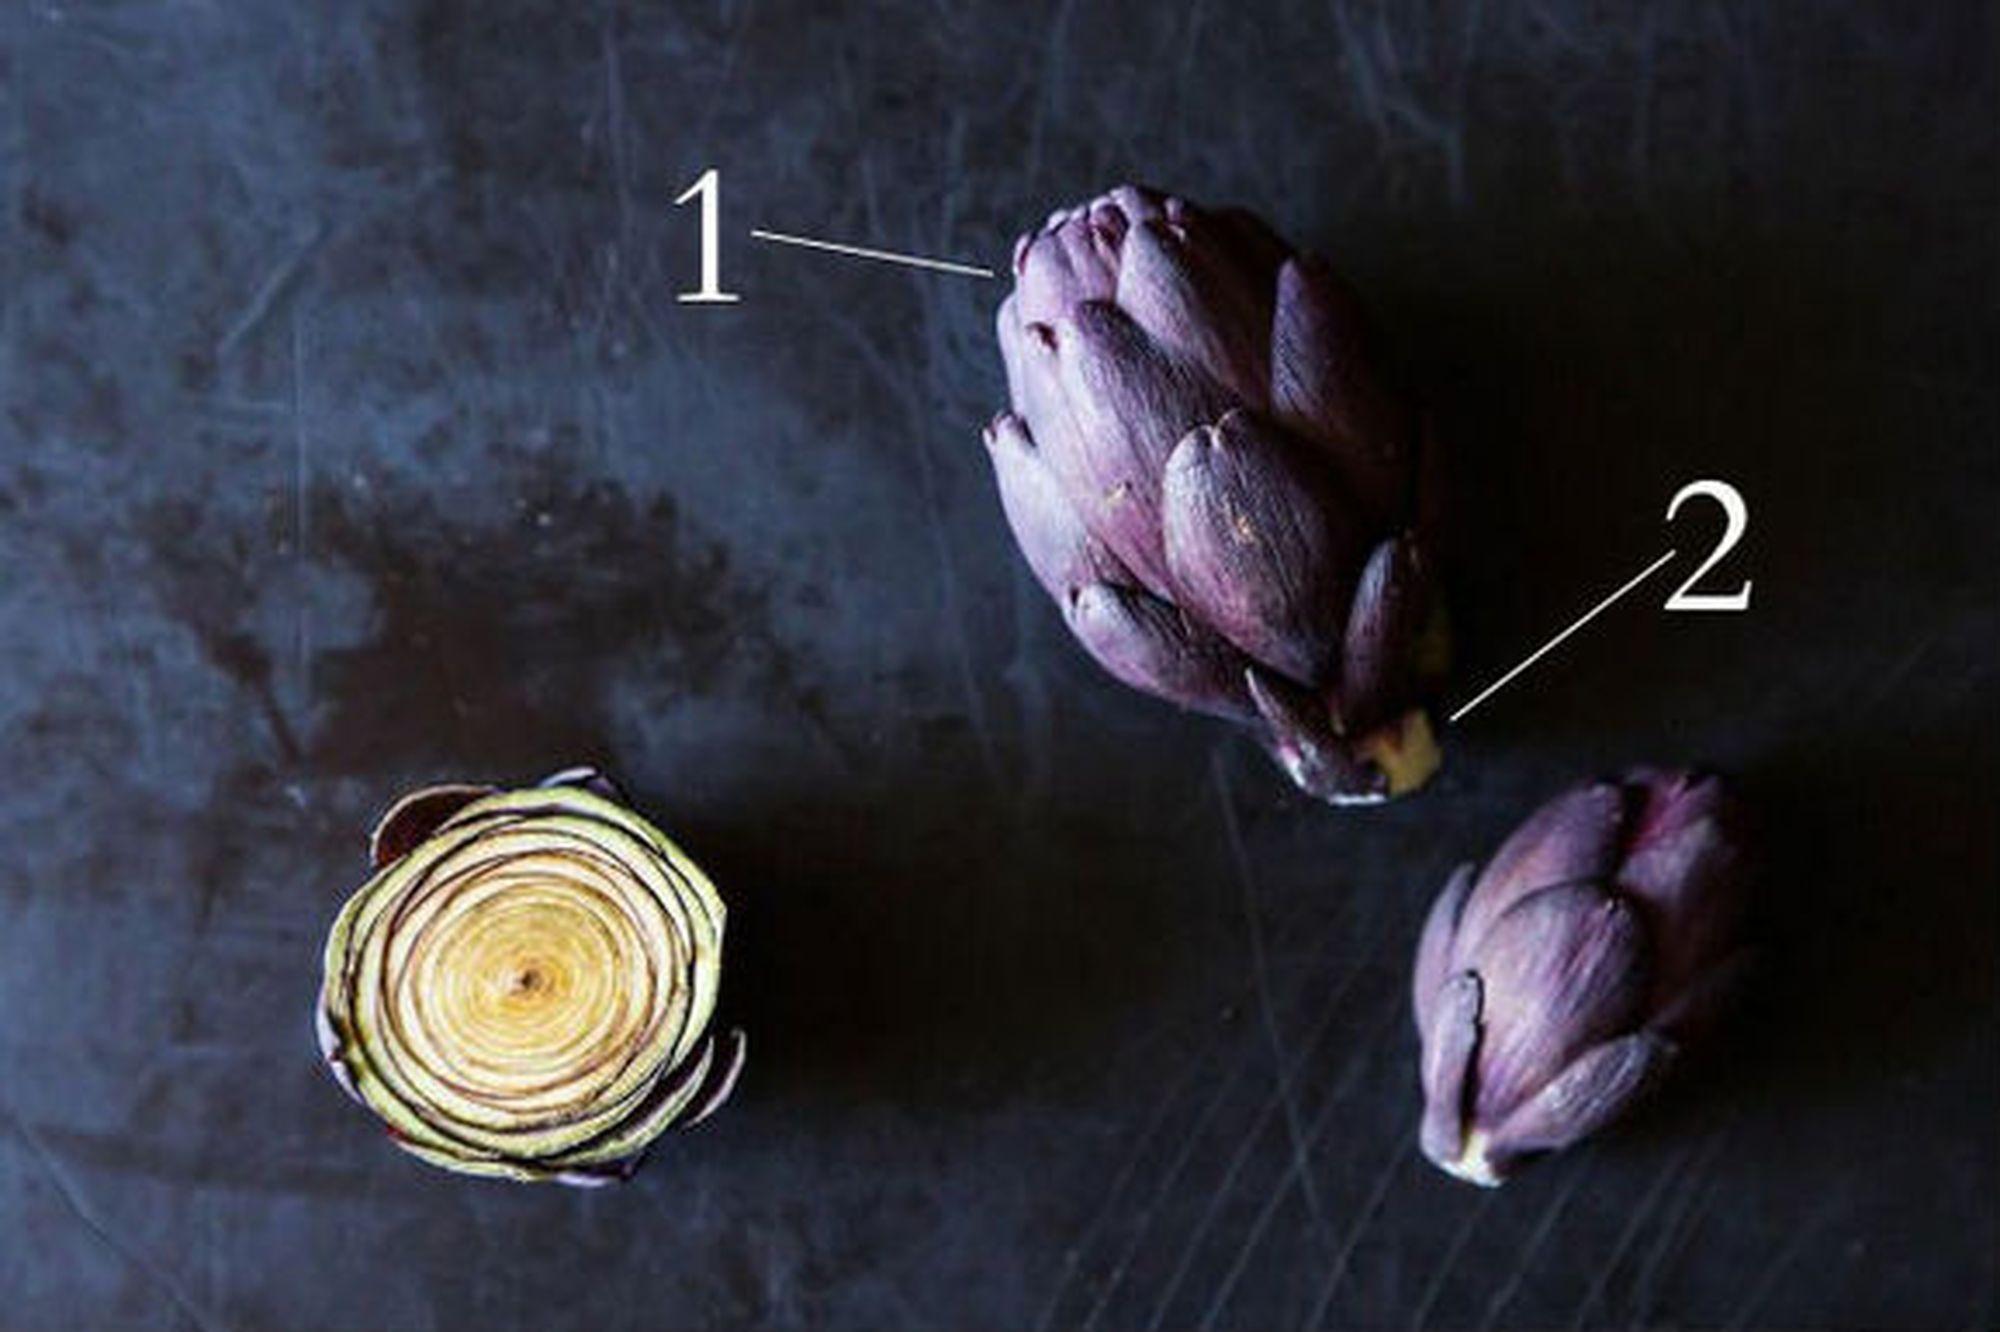 Baby Purple Artichokes: Small Size, Big Heart